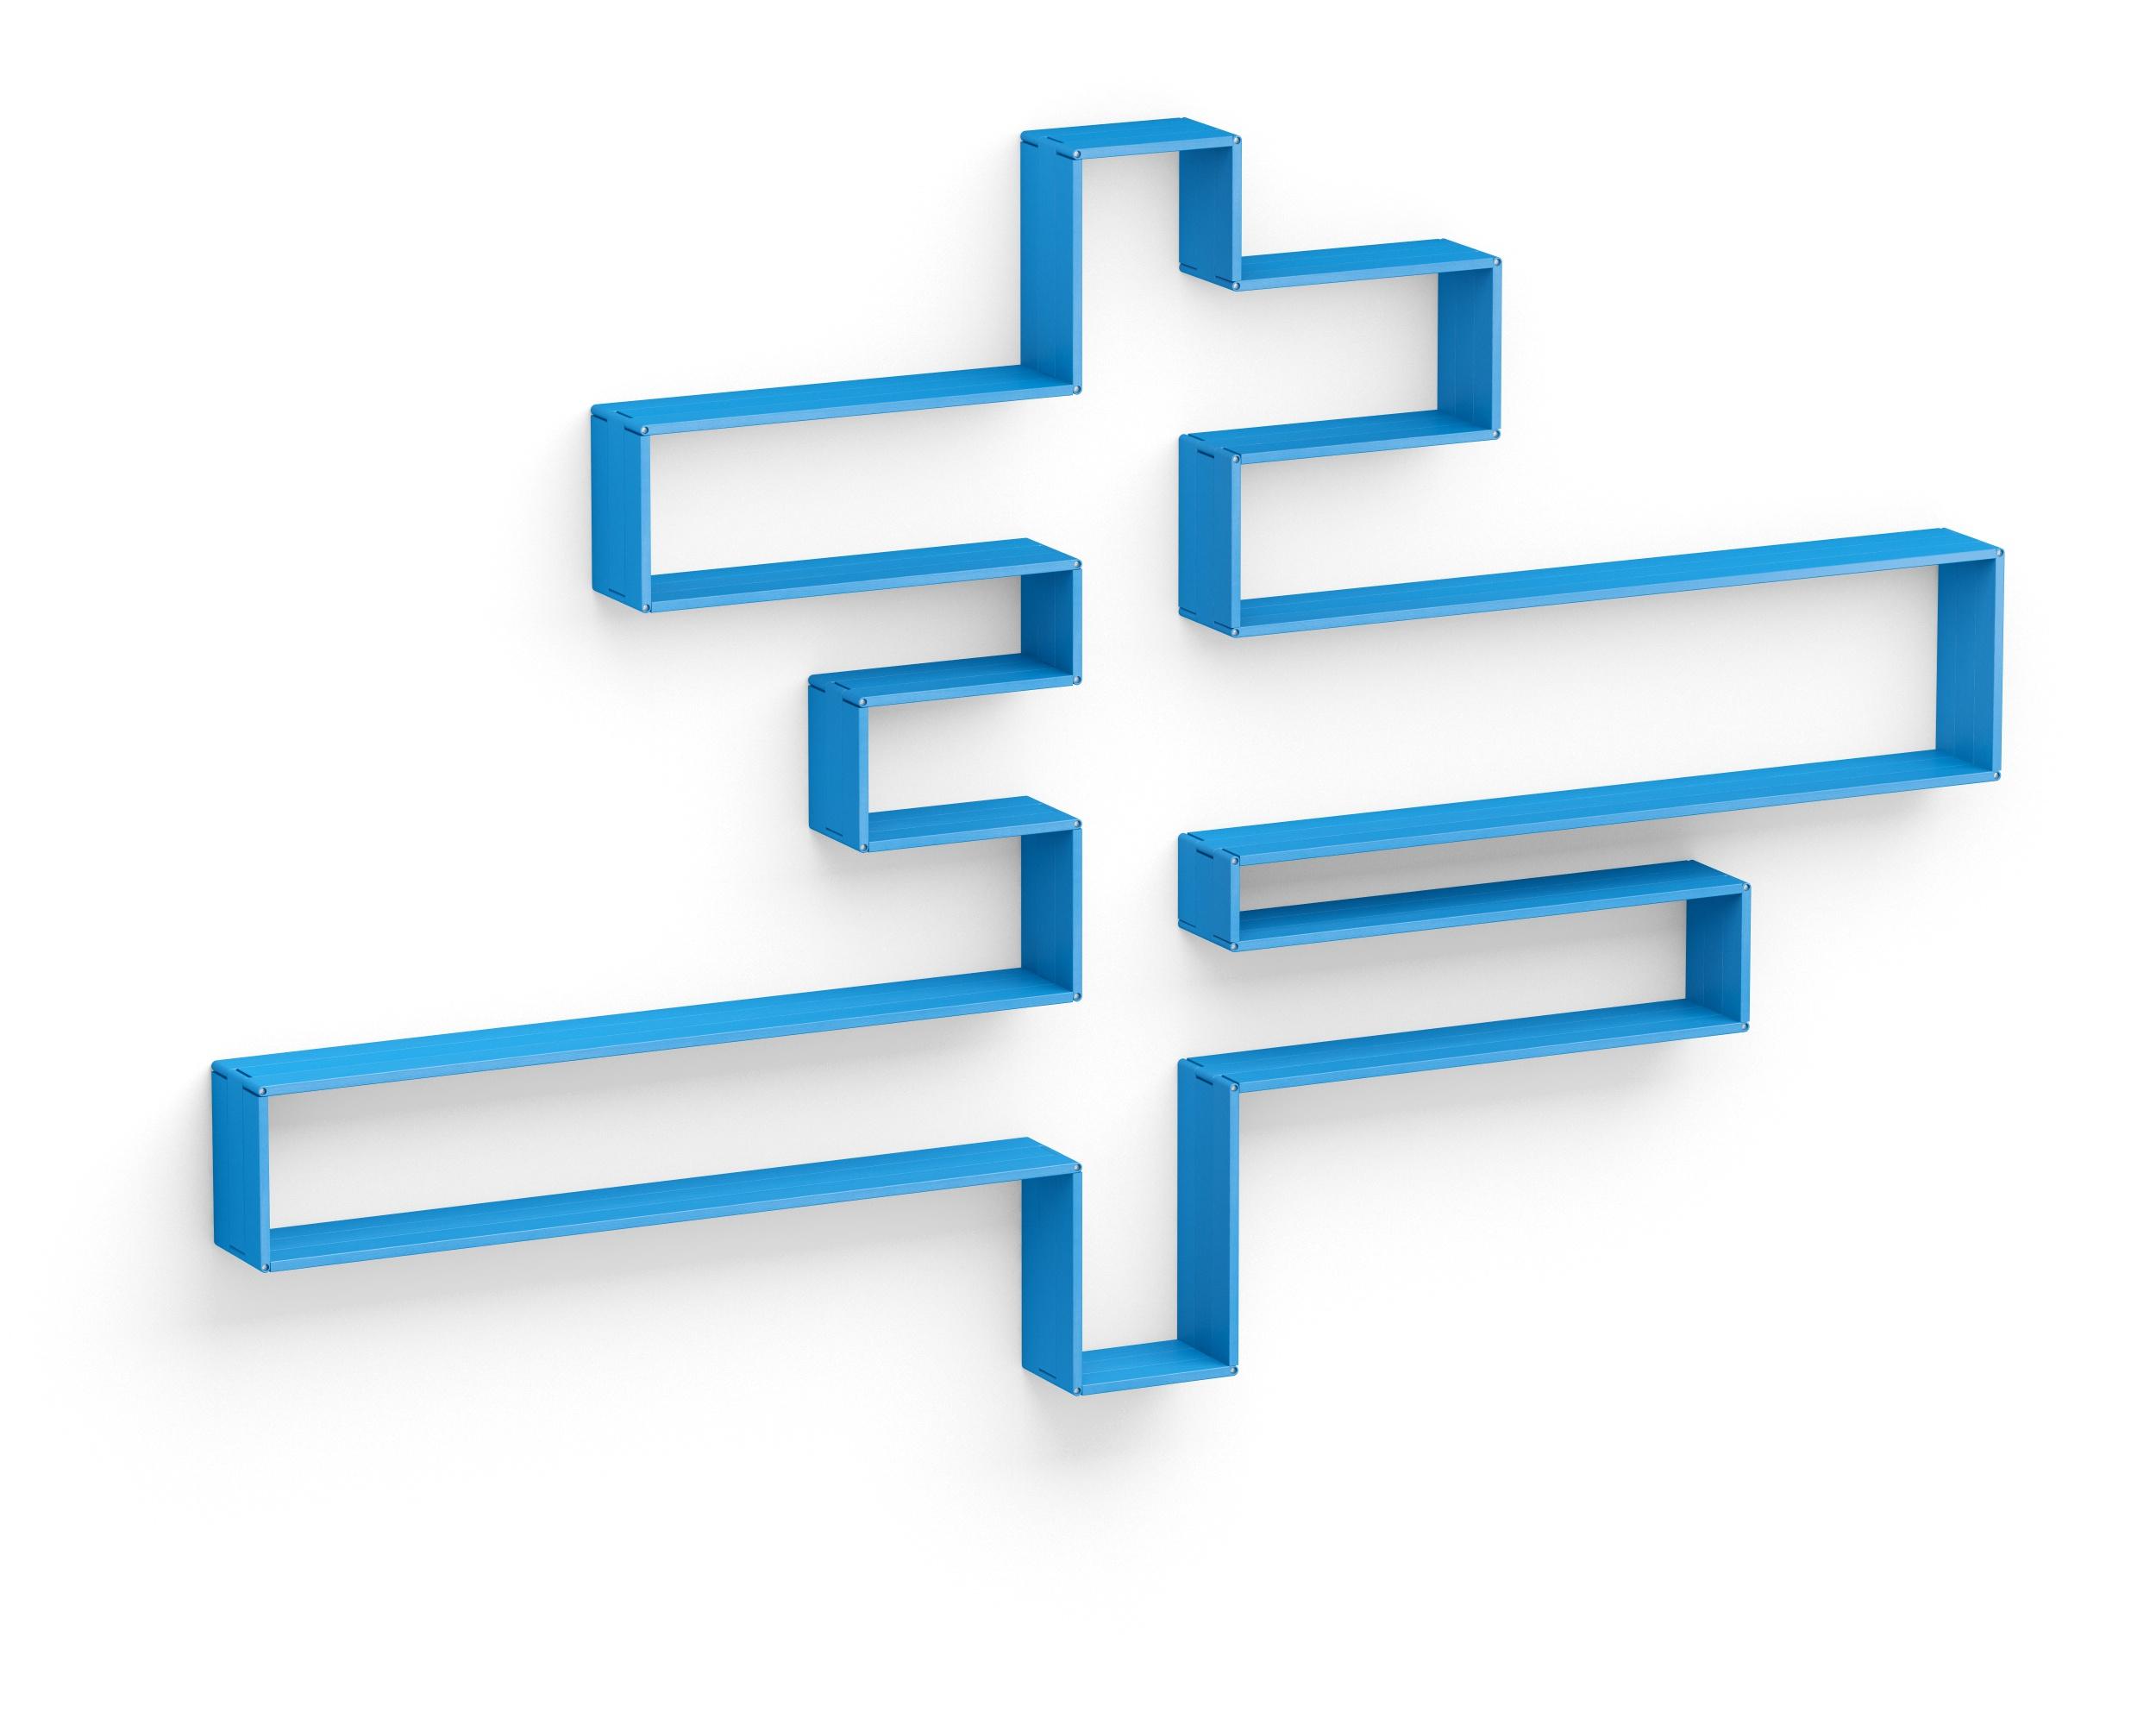 Полка-конструктор Flex Shelf set 203Полки<br>цвет: натуральный ясень, красный, оранжевый, зеленый, голубой, сиреневый, белый, черный&amp;amp;nbsp;1 неделя<br><br>Material: Ясень<br>Width см: 332<br>Depth см: 217<br>Height см: 22